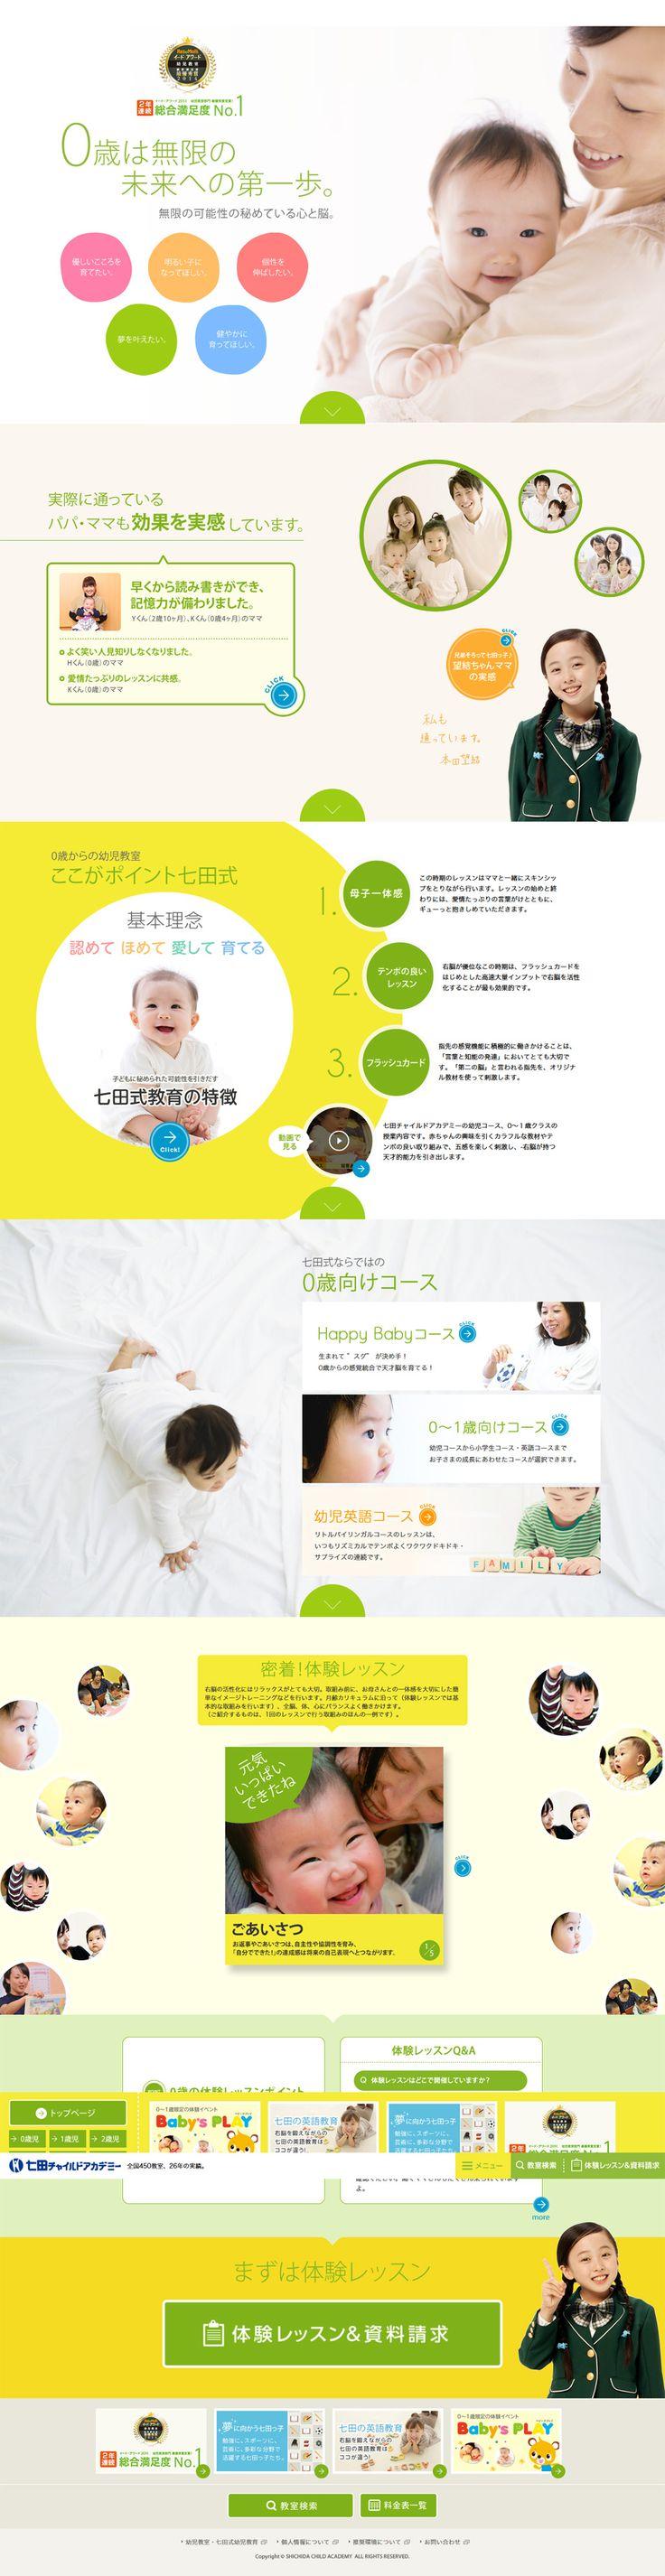 0歳からの幼児教室【サービス関連】のLPデザイン。WEBデザイナーさん必見!ランディングページのデザイン参考に(かわいい系)